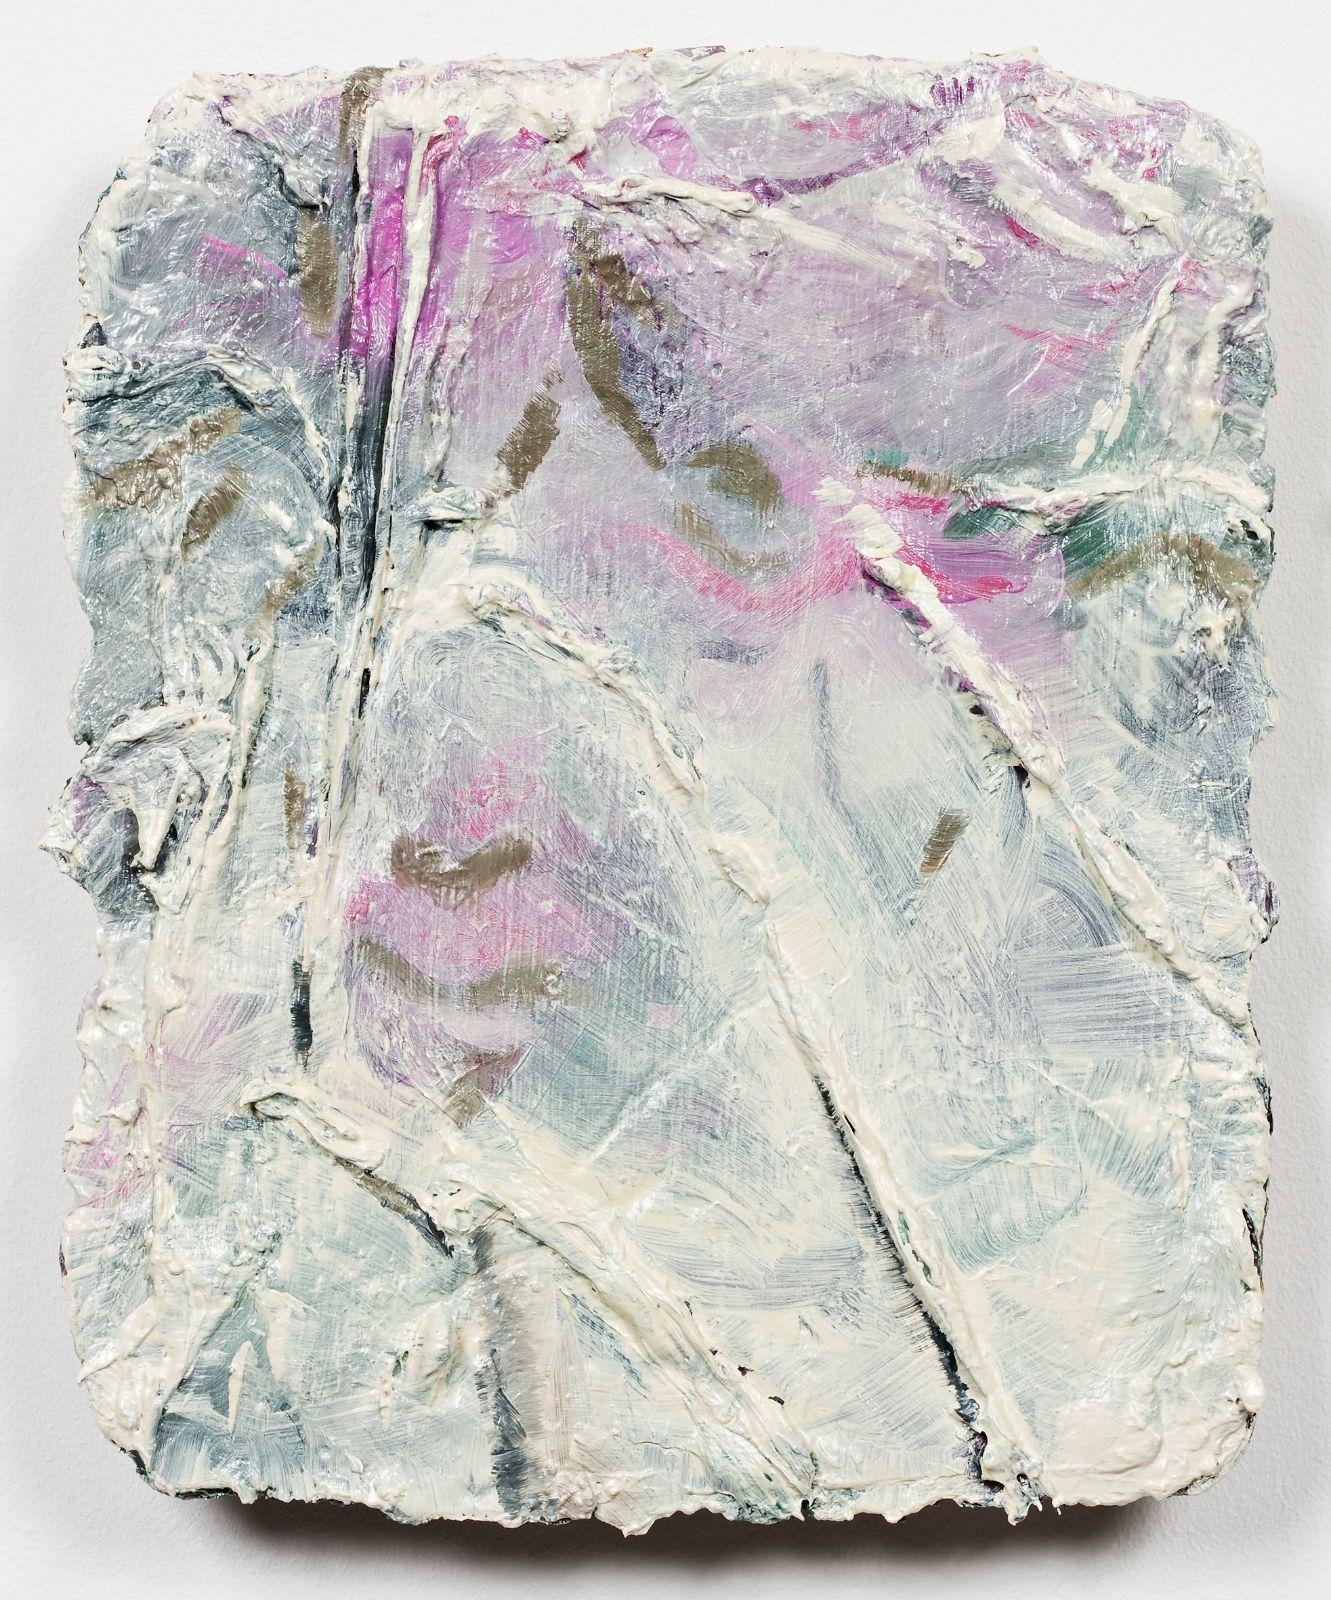 Studie til et ideelt hode (Baby), 2009, oil on canvas on panel, 30 x 25 cm